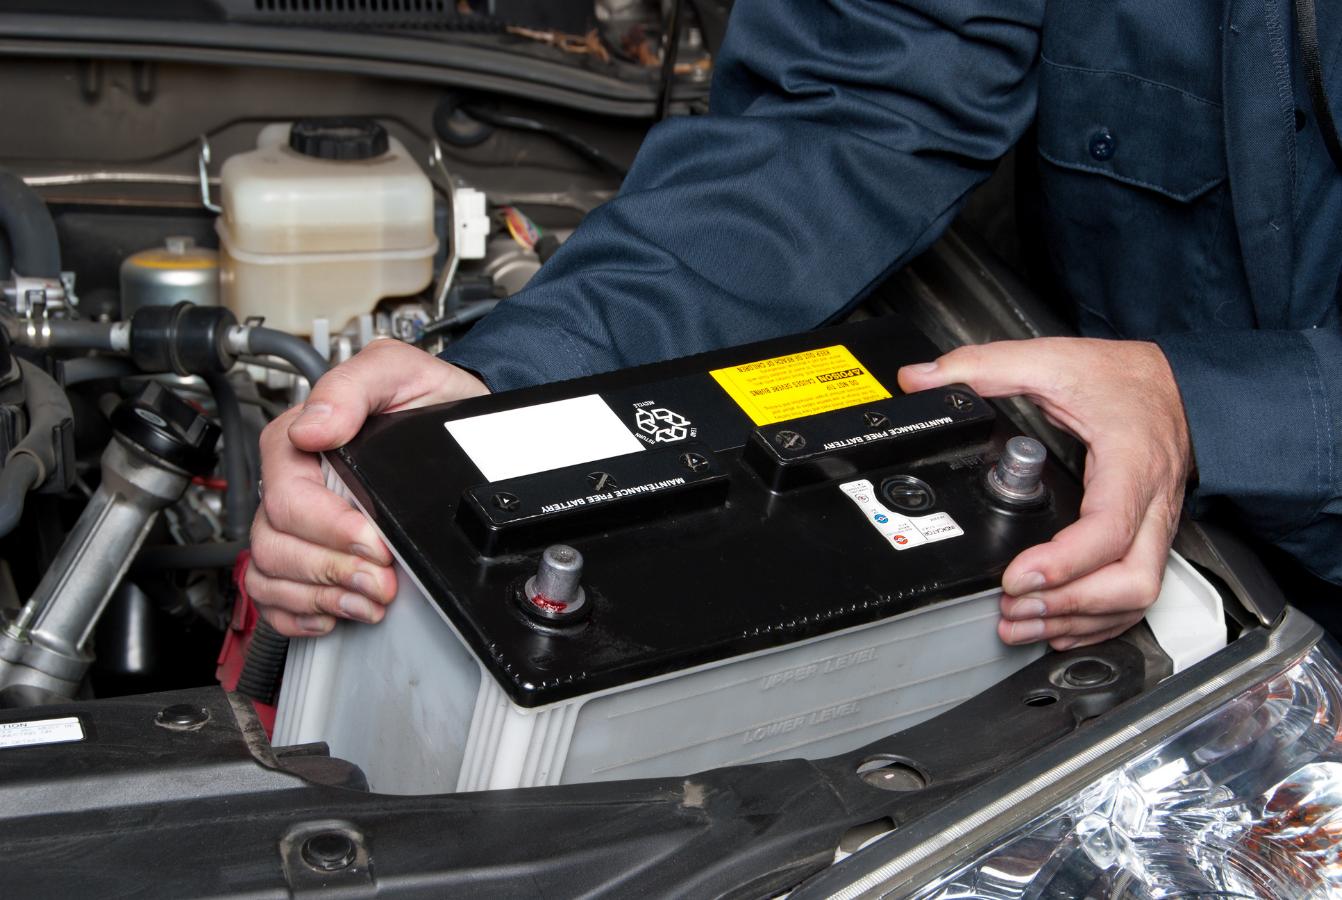 Drugie życie czy recykling? BattMAN ratuje baterie samochodowe przed zbyt krótkim życiem!